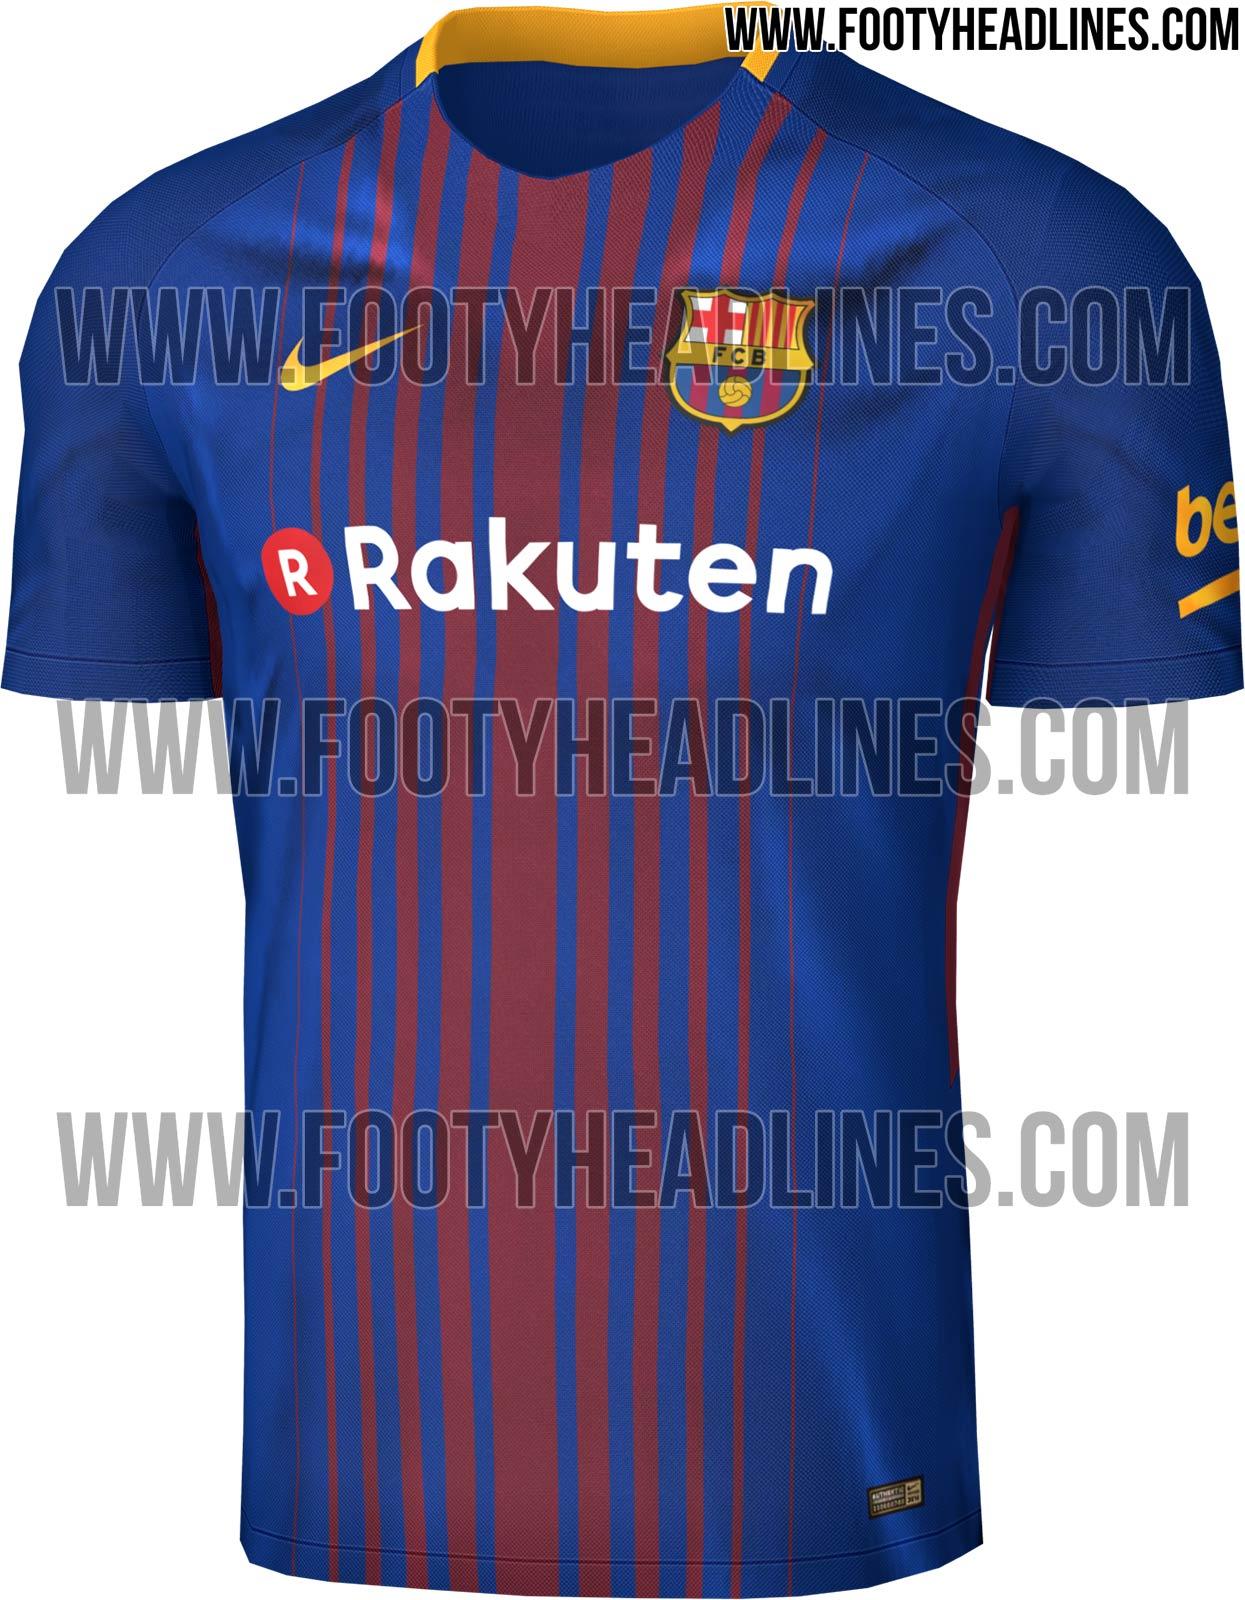 O site especializado em camisas de futebol Footy Headlines publicou nesta  quinta (23) como deve ficar a camisa do Barcelona para a próxima temporada  do ... ed0bca9378484